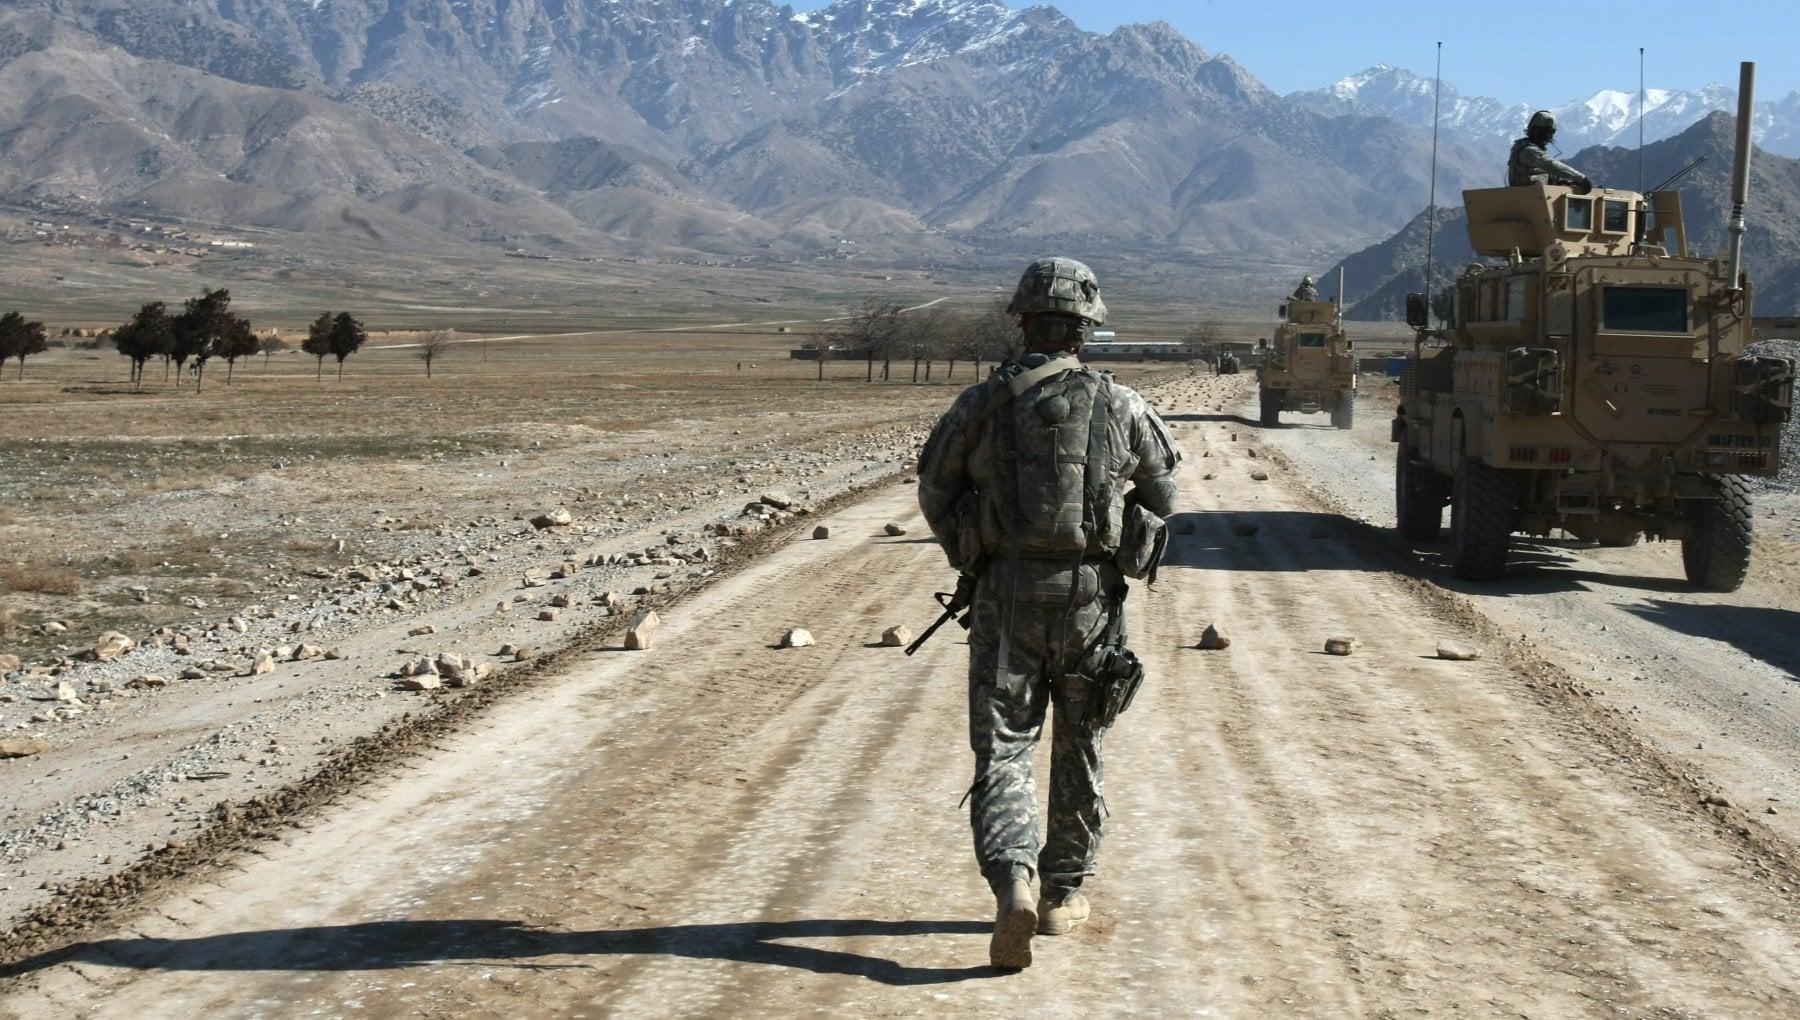 224115756 be11b3d9 b958 4196 98fd e93a039ebb05 - Afghanistan, il piano B degli Usa passa per nuove basi nella regione